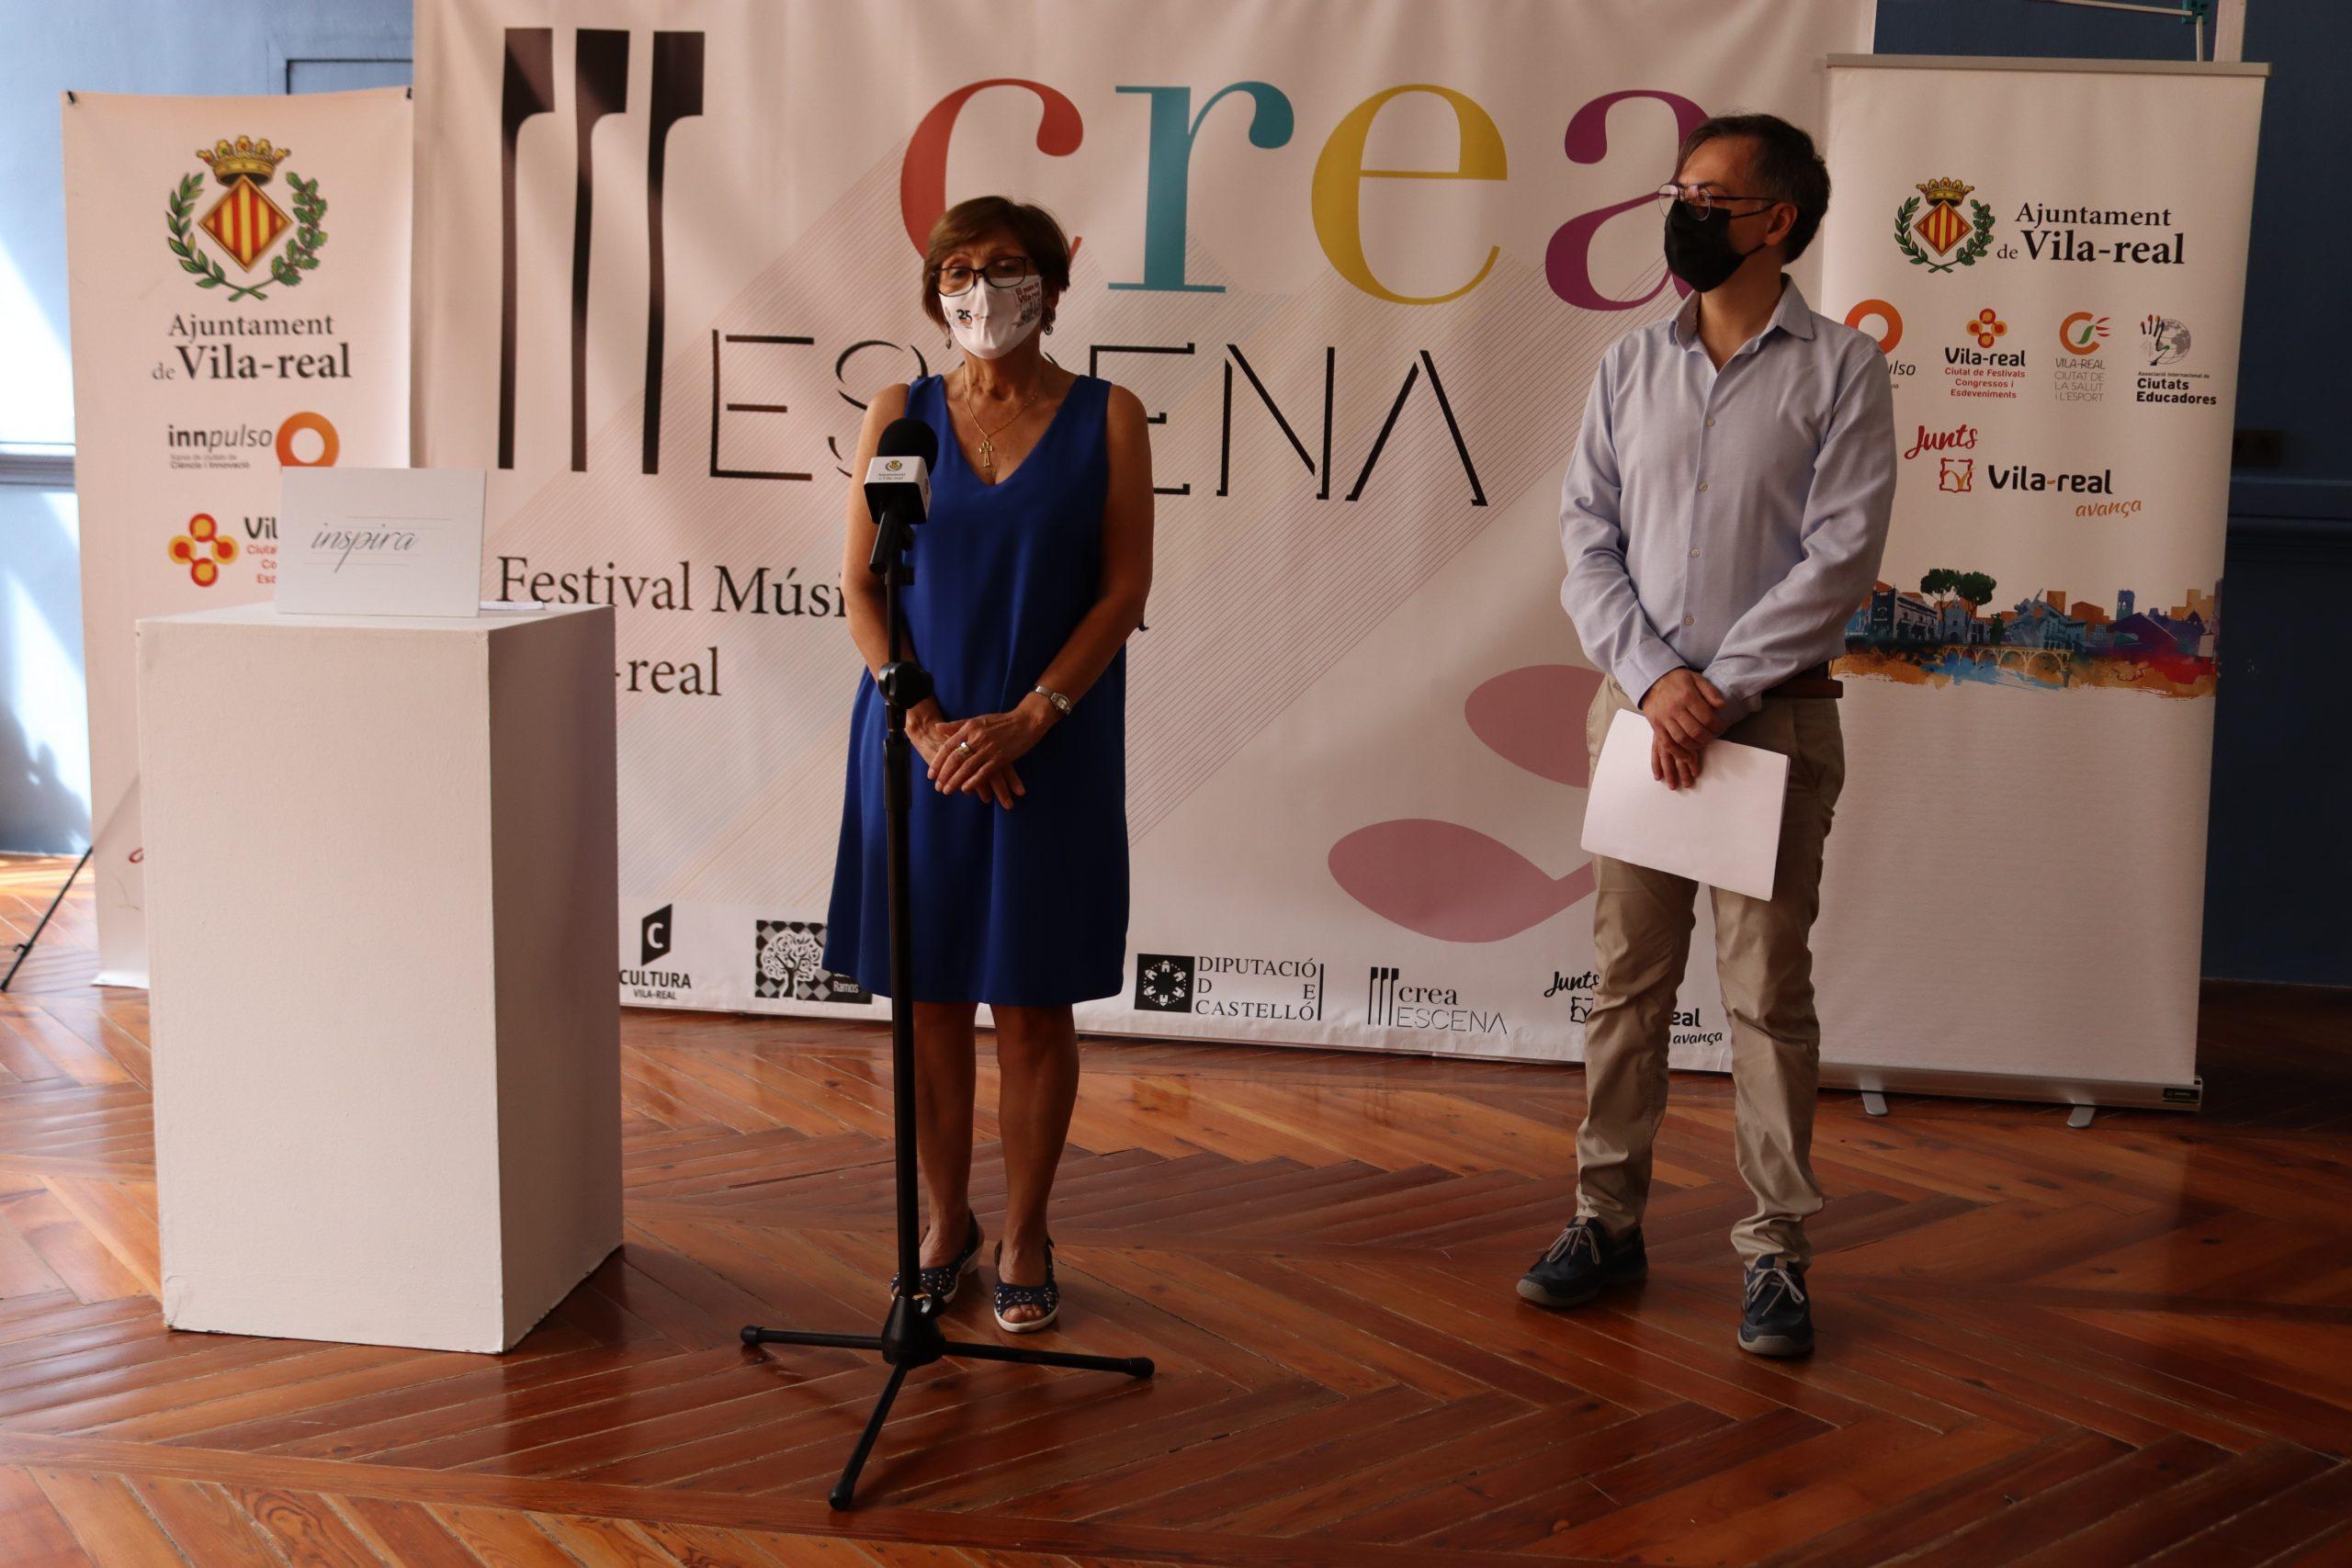 Vila-real afianza la difusión de la música clásica con una nueva edición de su festival